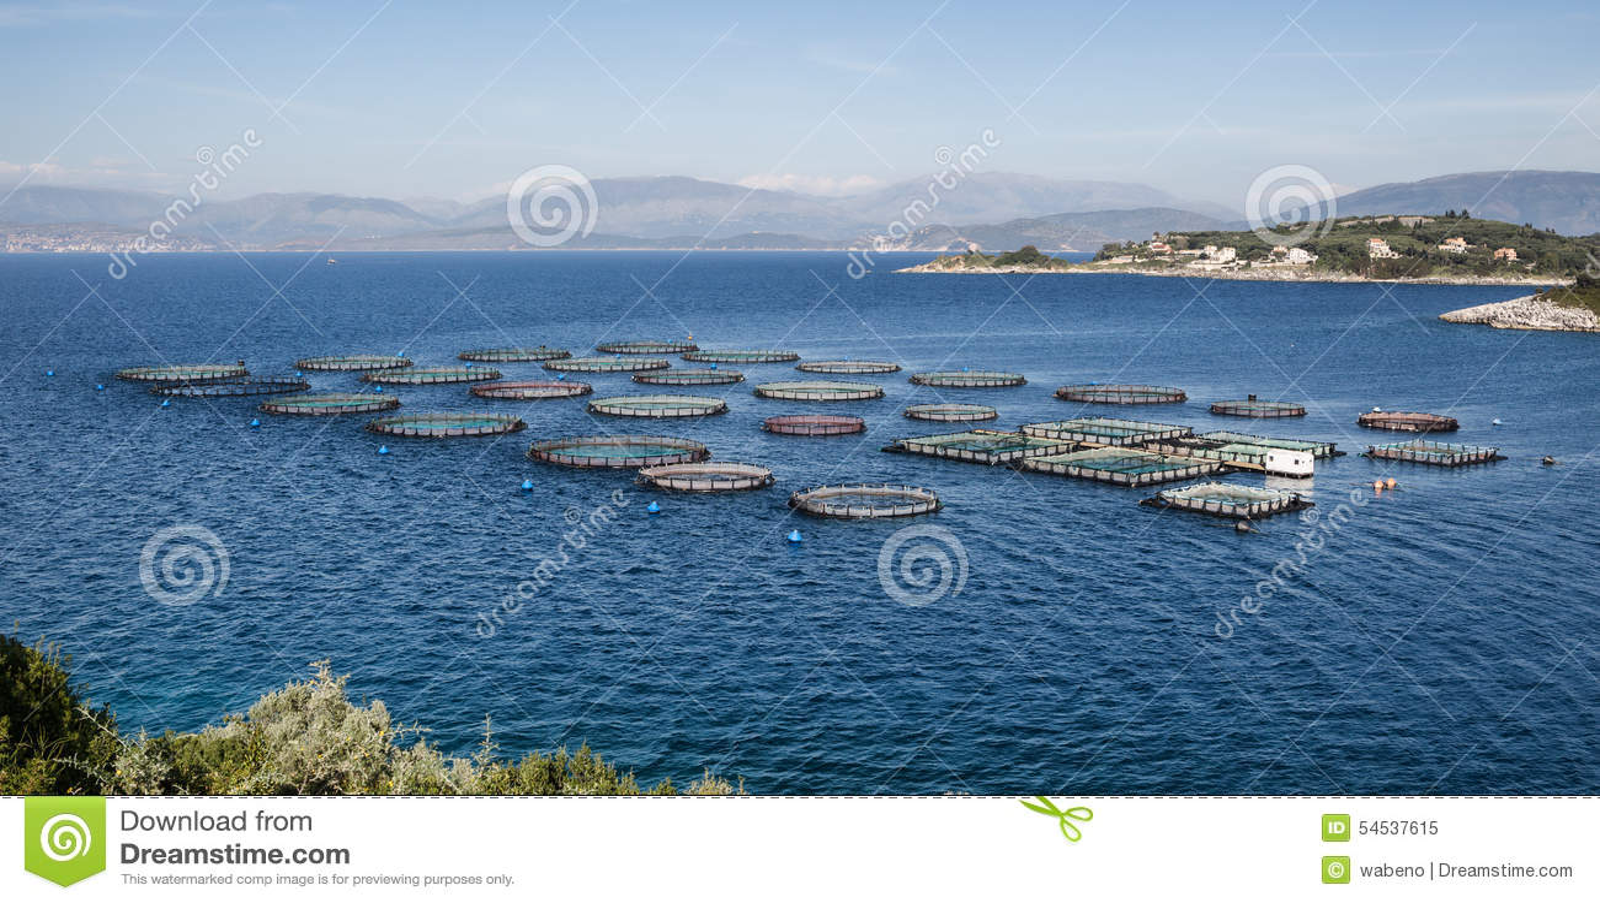 Granja de pescados con las jaulas flotantes imagen de for Construccion de jaulas flotantes para tilapia